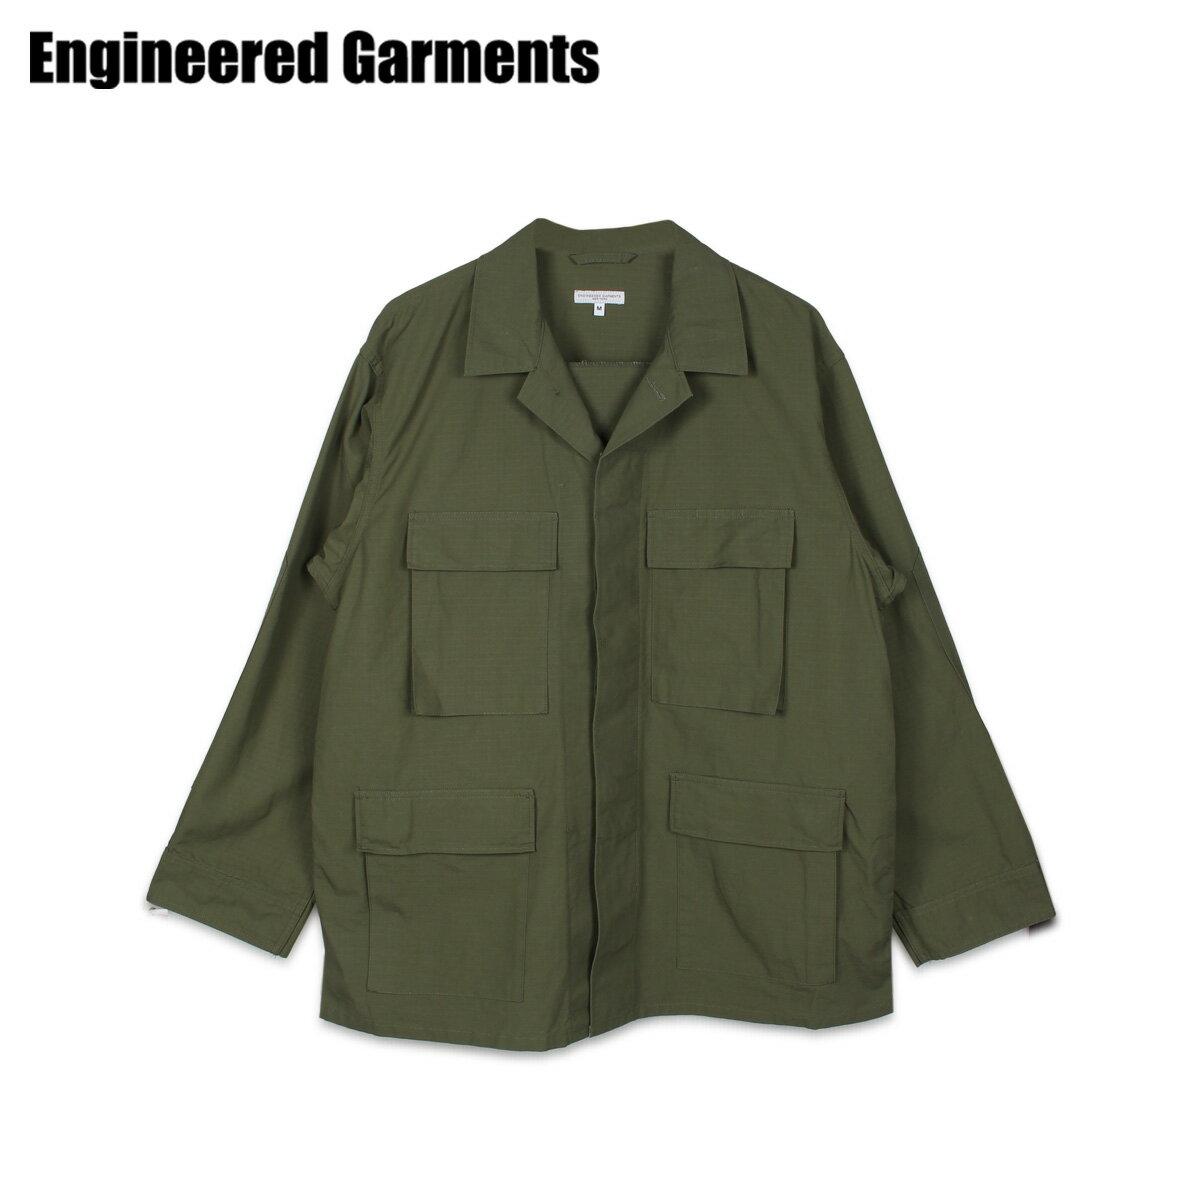 メンズファッション, コート・ジャケット 600OFF ENGINEERED GARMENTS BDU JACKET 20S1D002